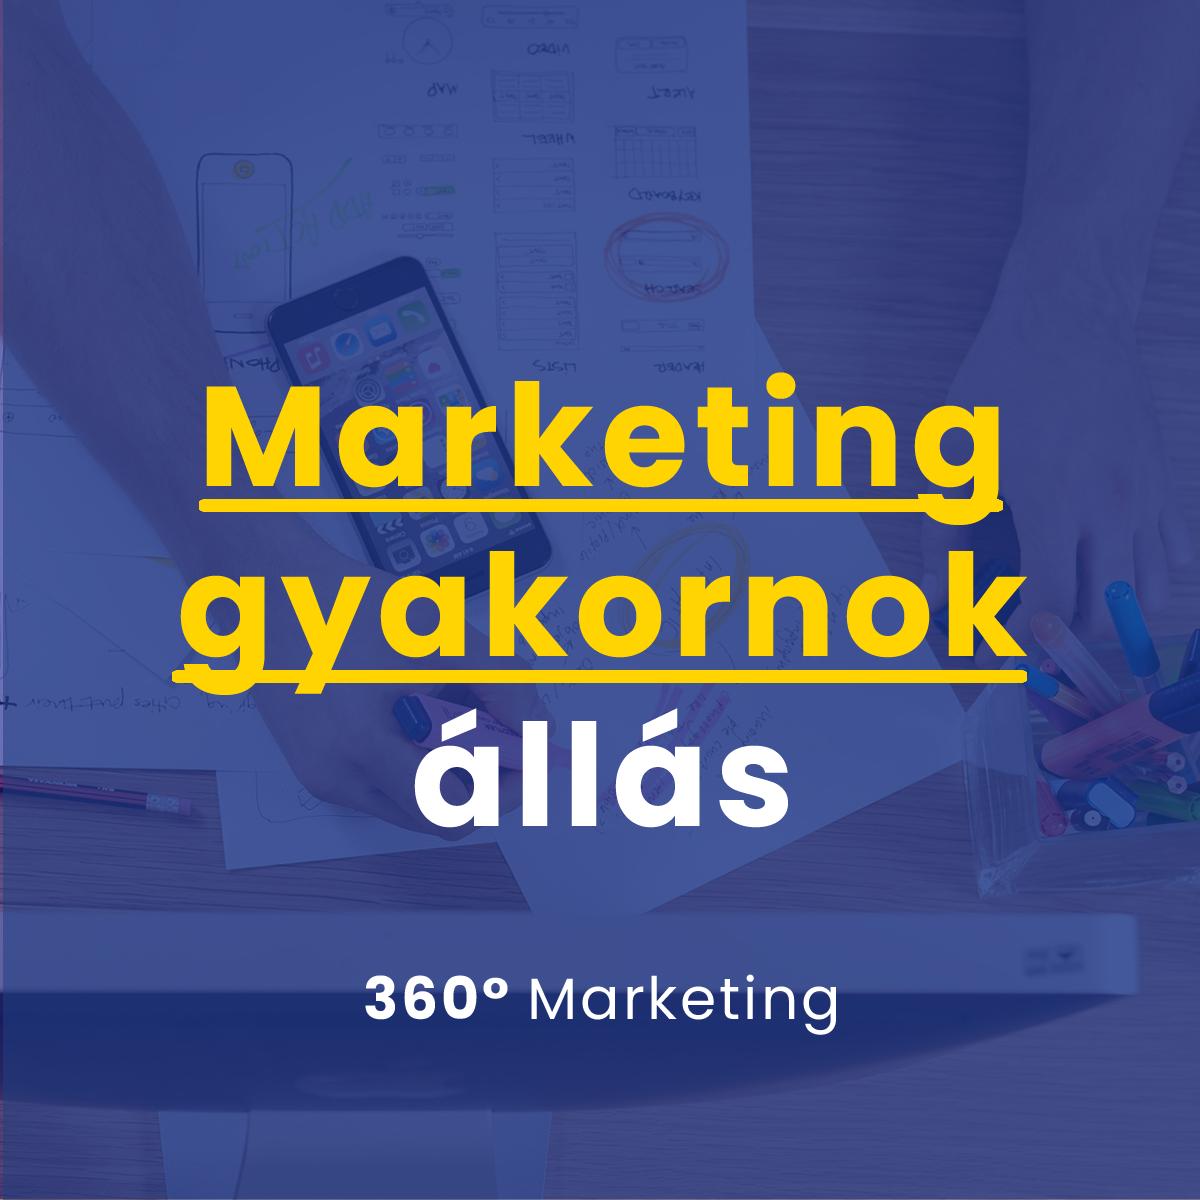 Marketing gyakornok állás